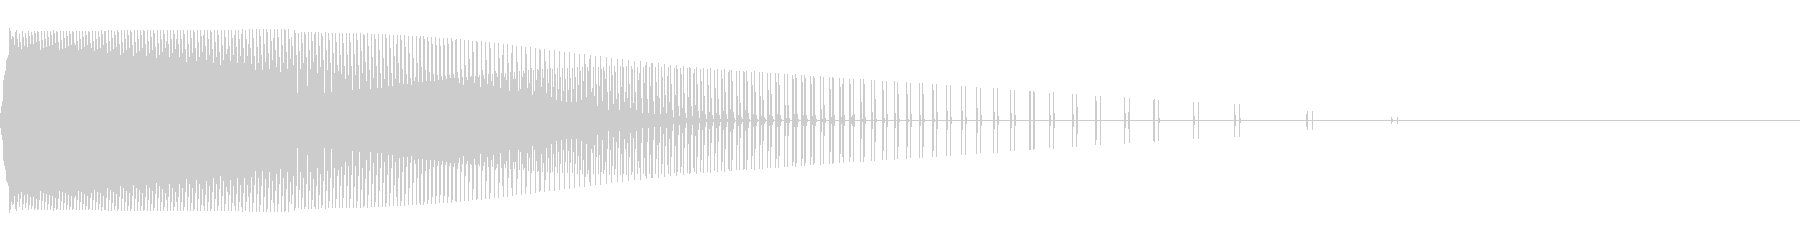 ピュー(弾/発射/ファミコン/攻撃の未再生の波形